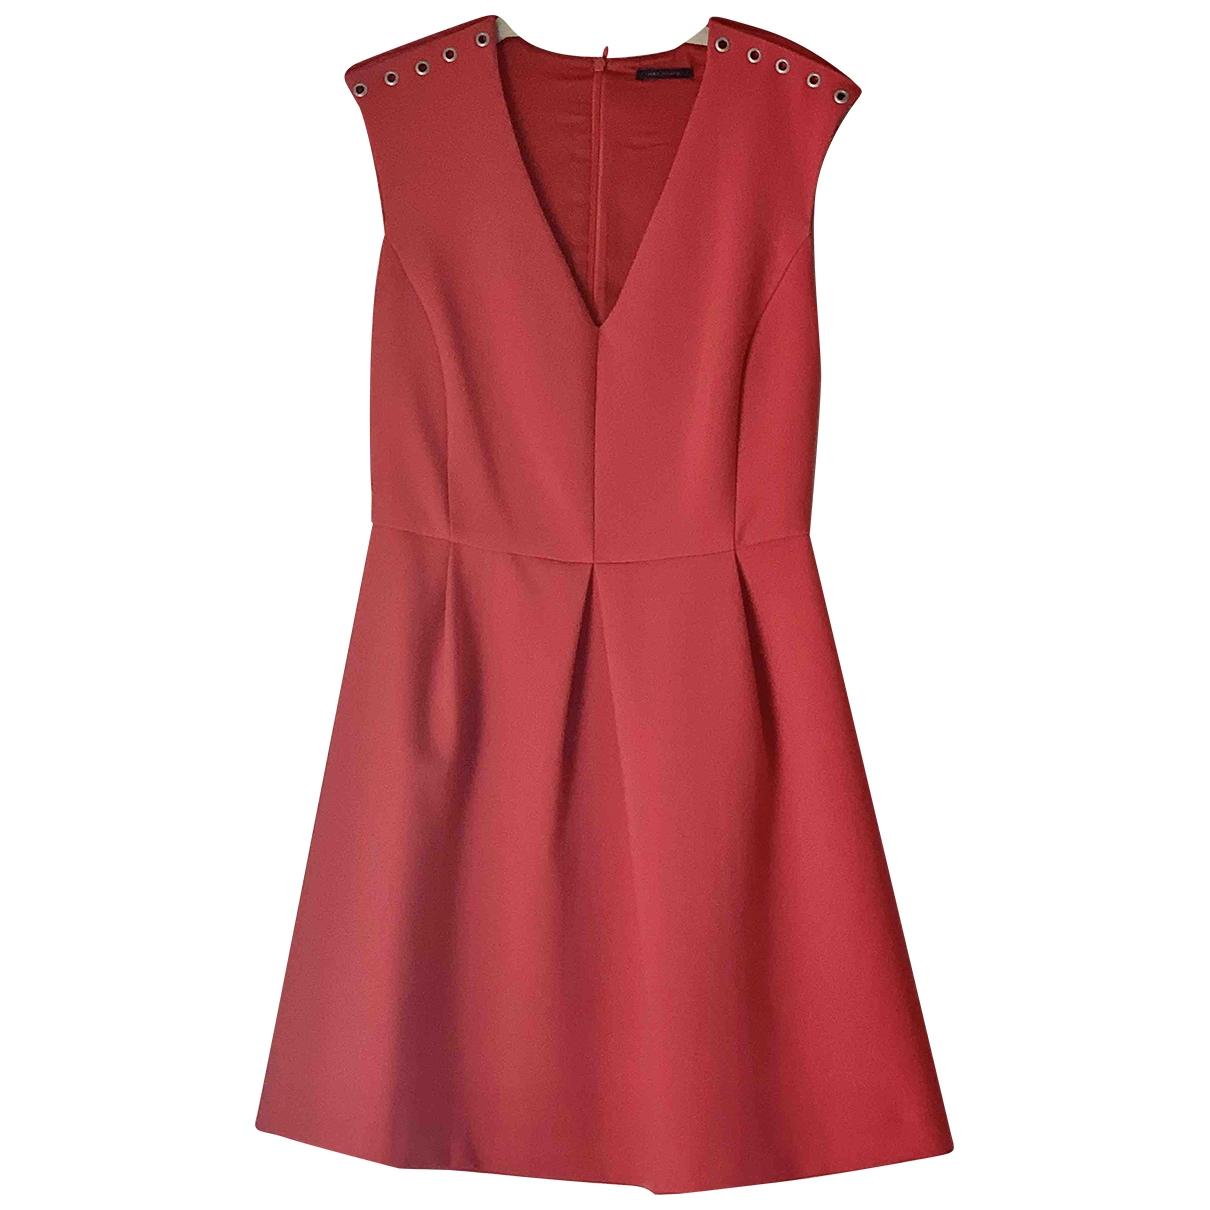 Ikks \N Kleid in  Rot Baumwolle